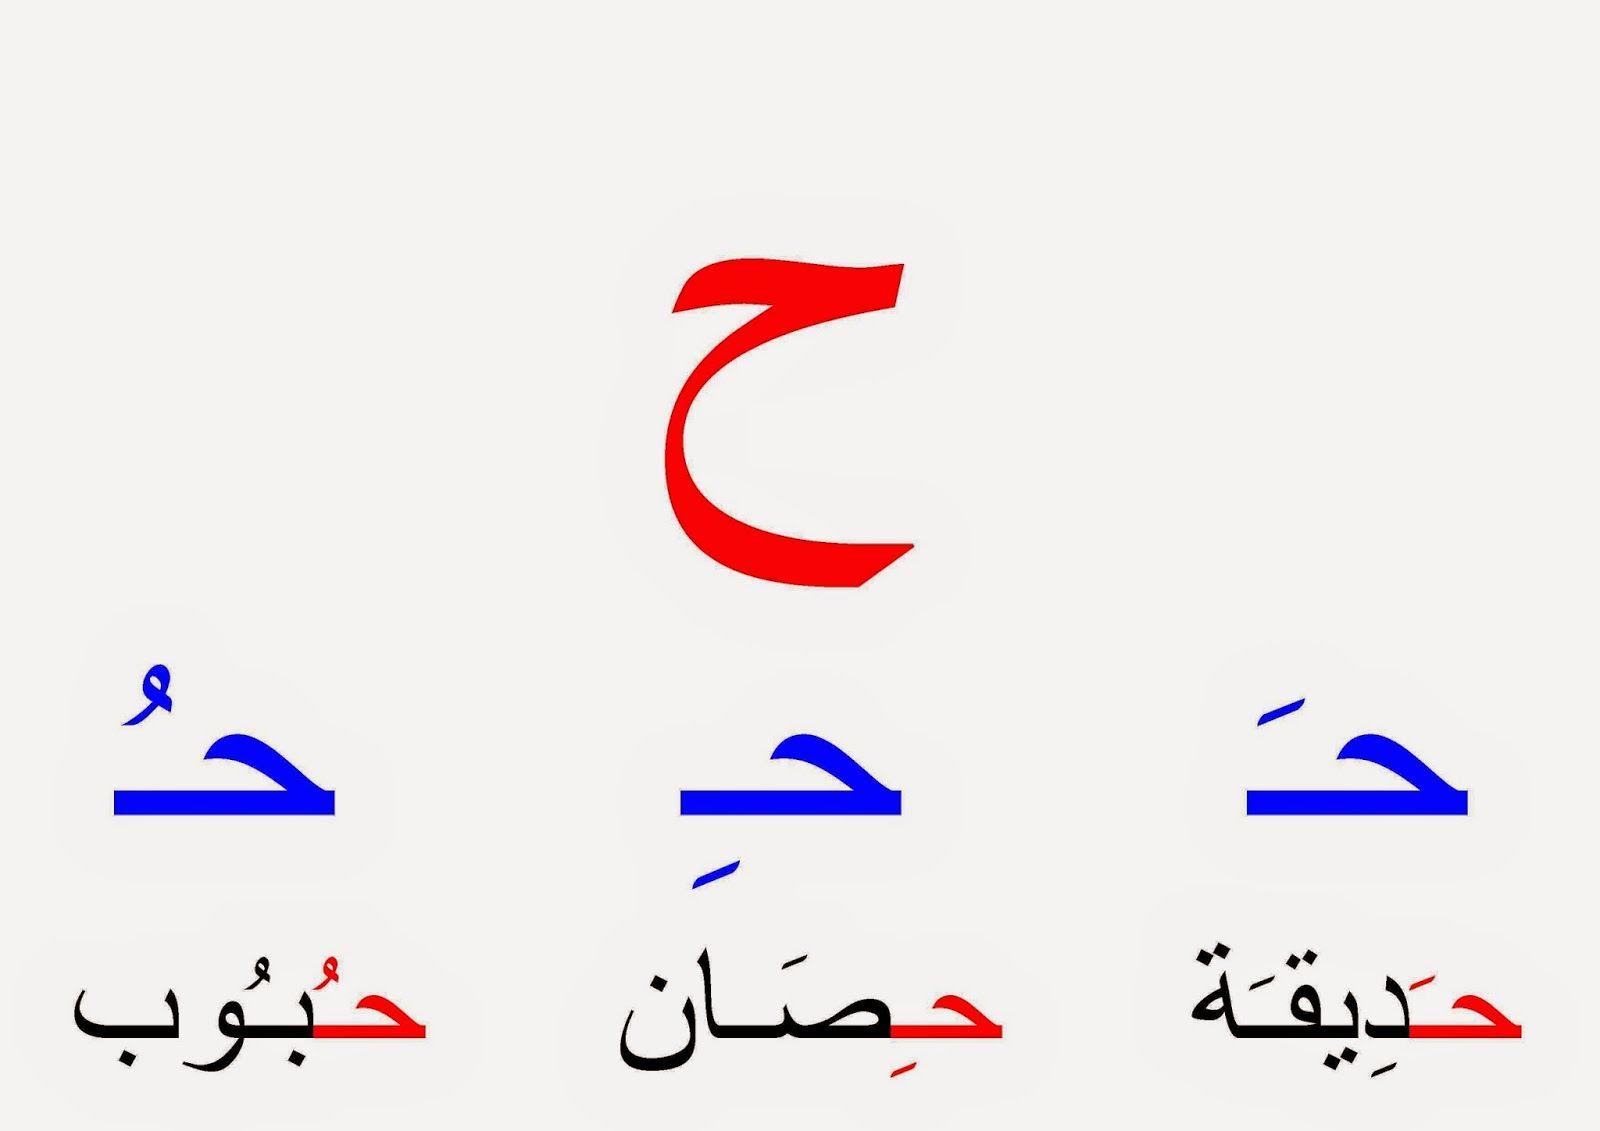 روضة العلم للاطفال حروف الهجاء مع التشكيل Arabic Alphabet For Kids Learn Arabic Alphabet Learning Arabic